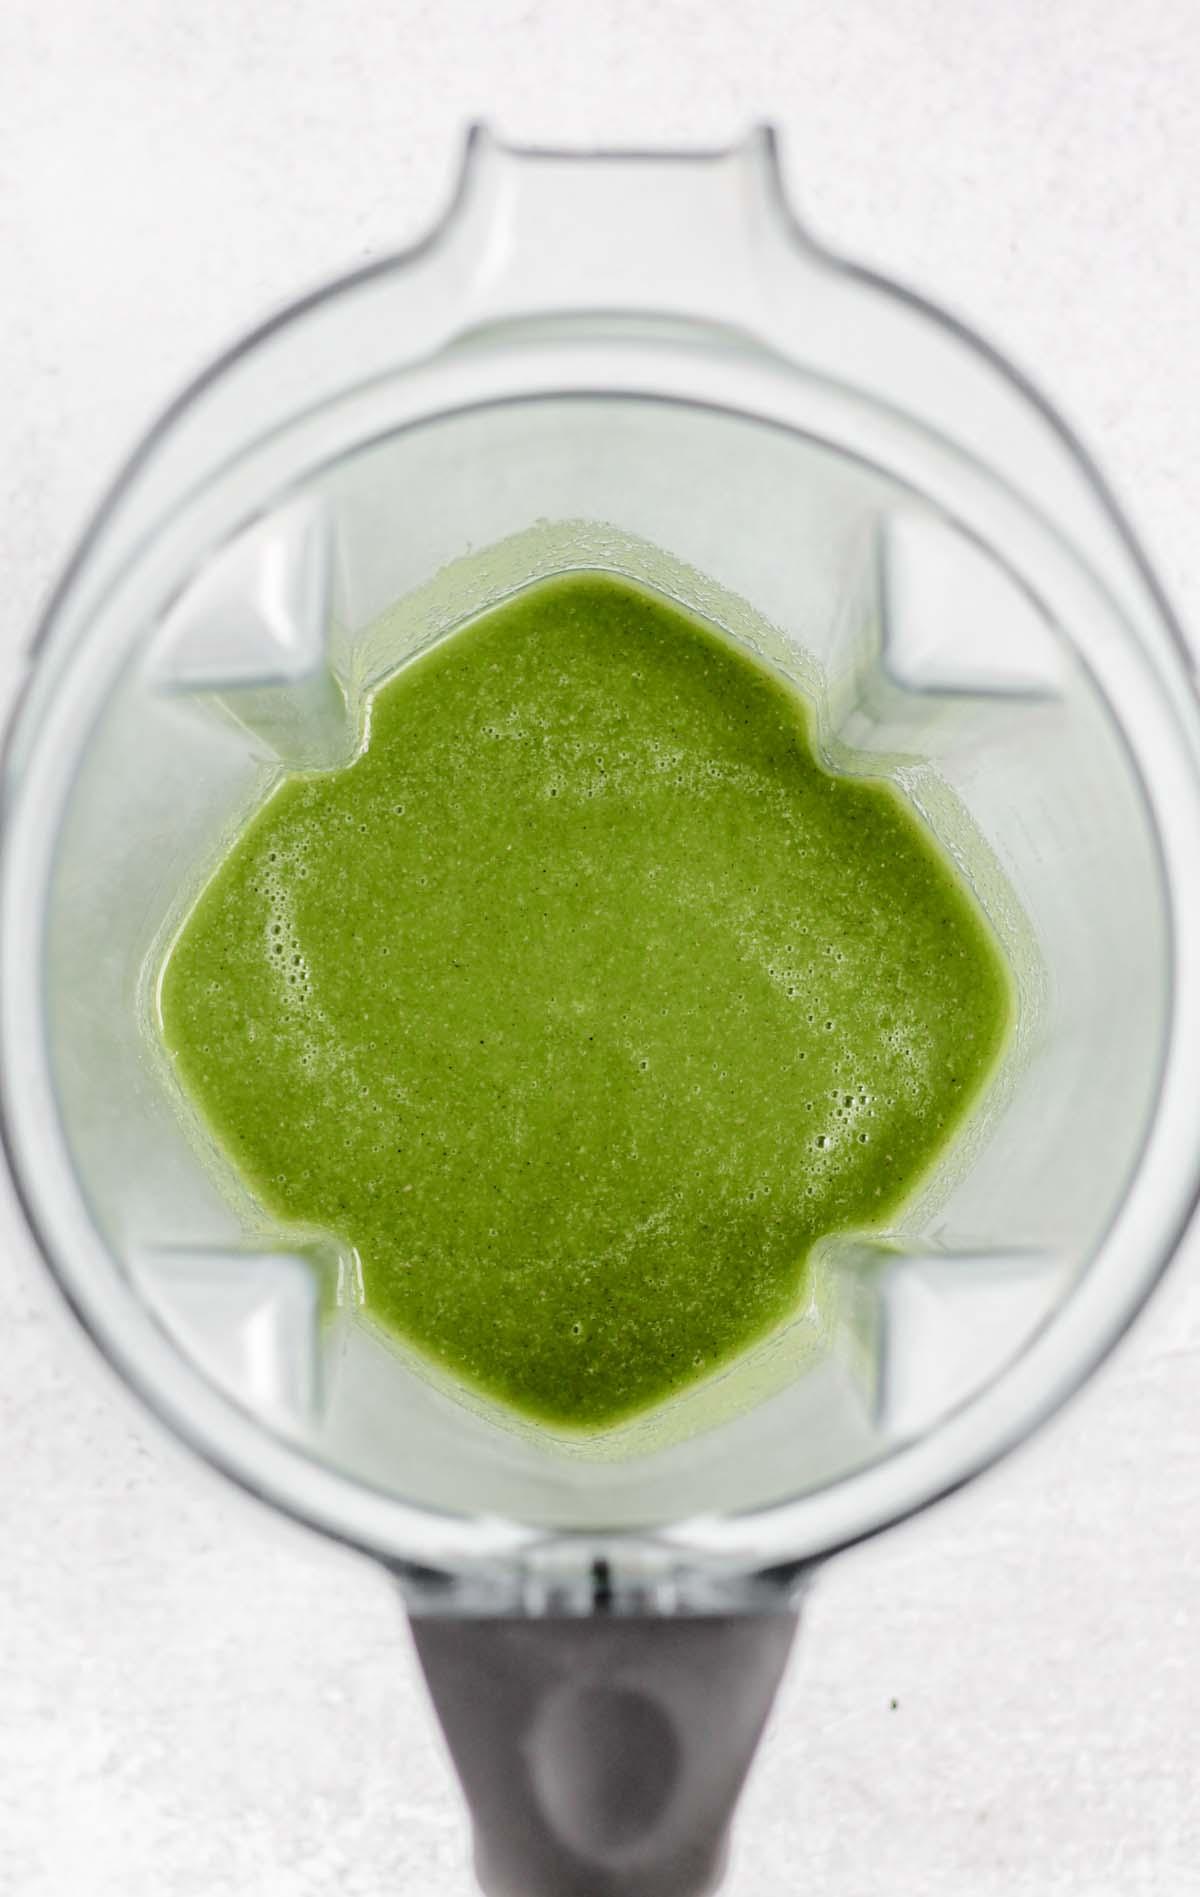 Blended green smoothie in a blender.